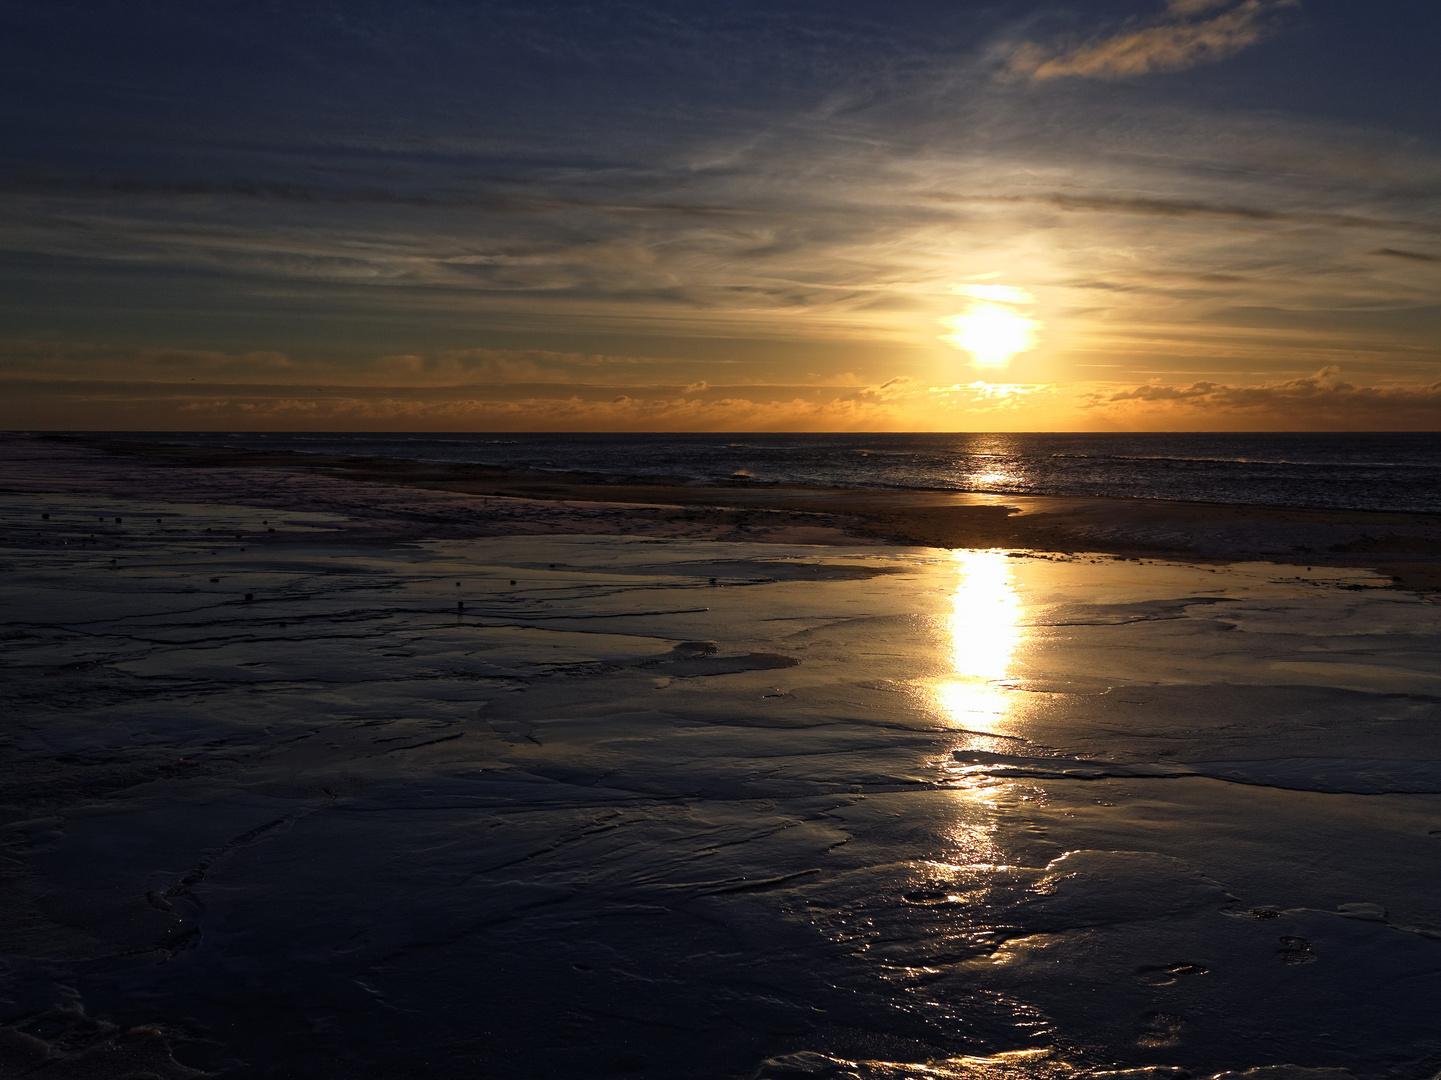 Sonnenuntergang in Dänemark, Januar 2013